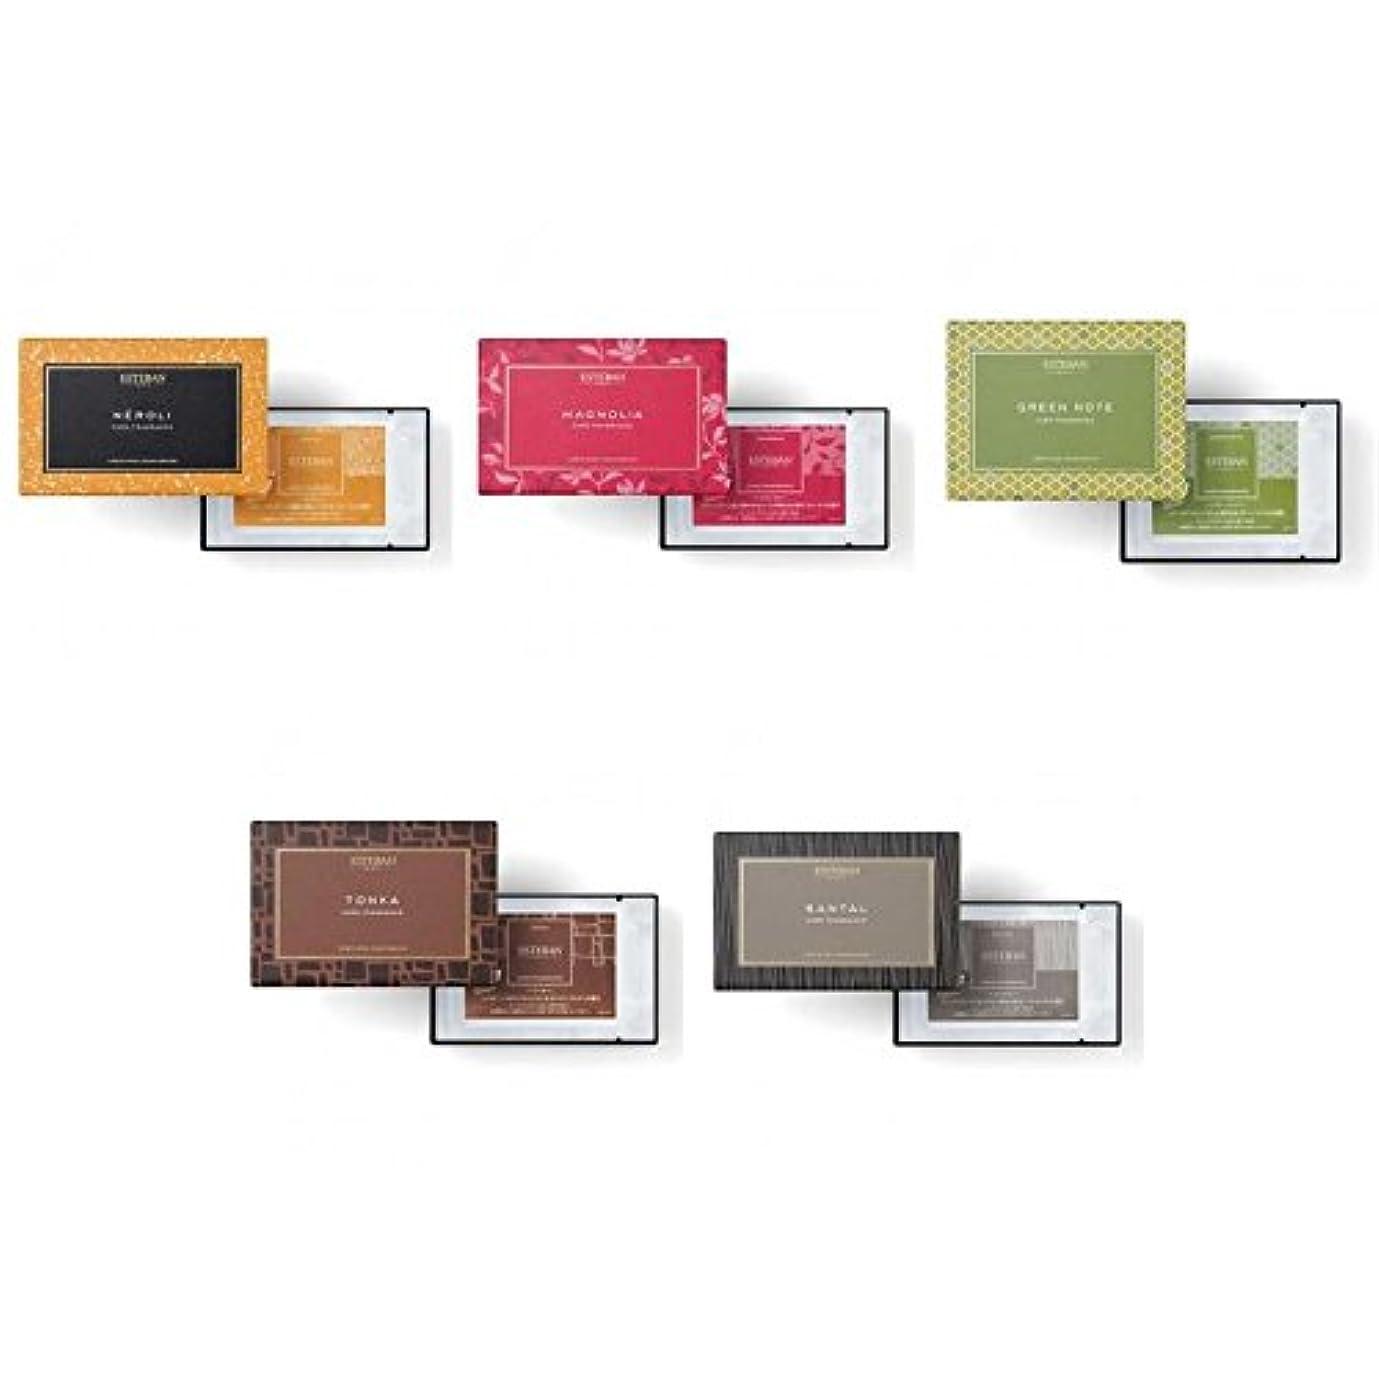 満足できる贅沢なブランクエステバン カードフレグランス 5種セット